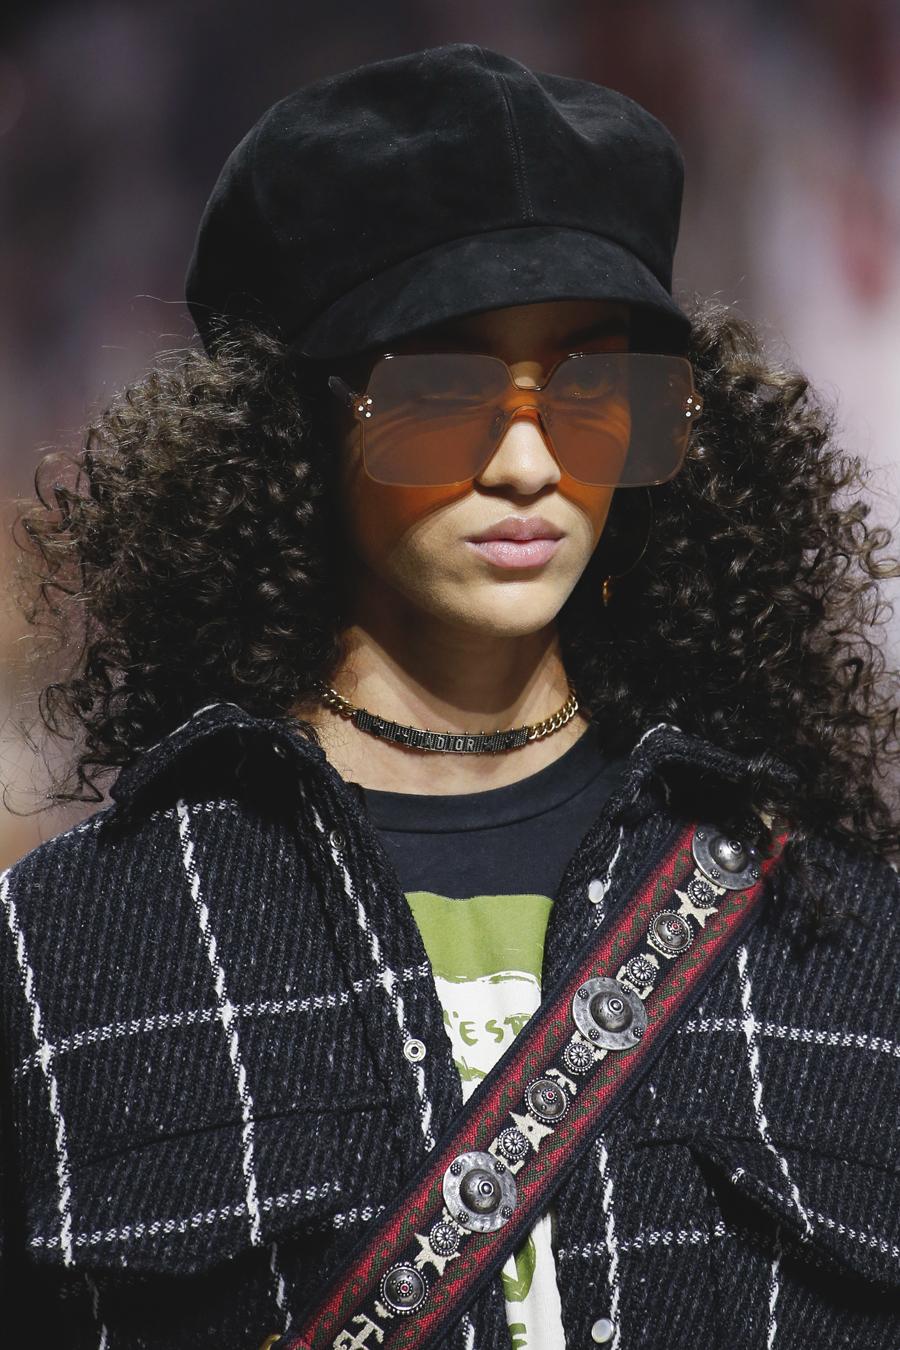 Trend Report | Colored Sunglasses